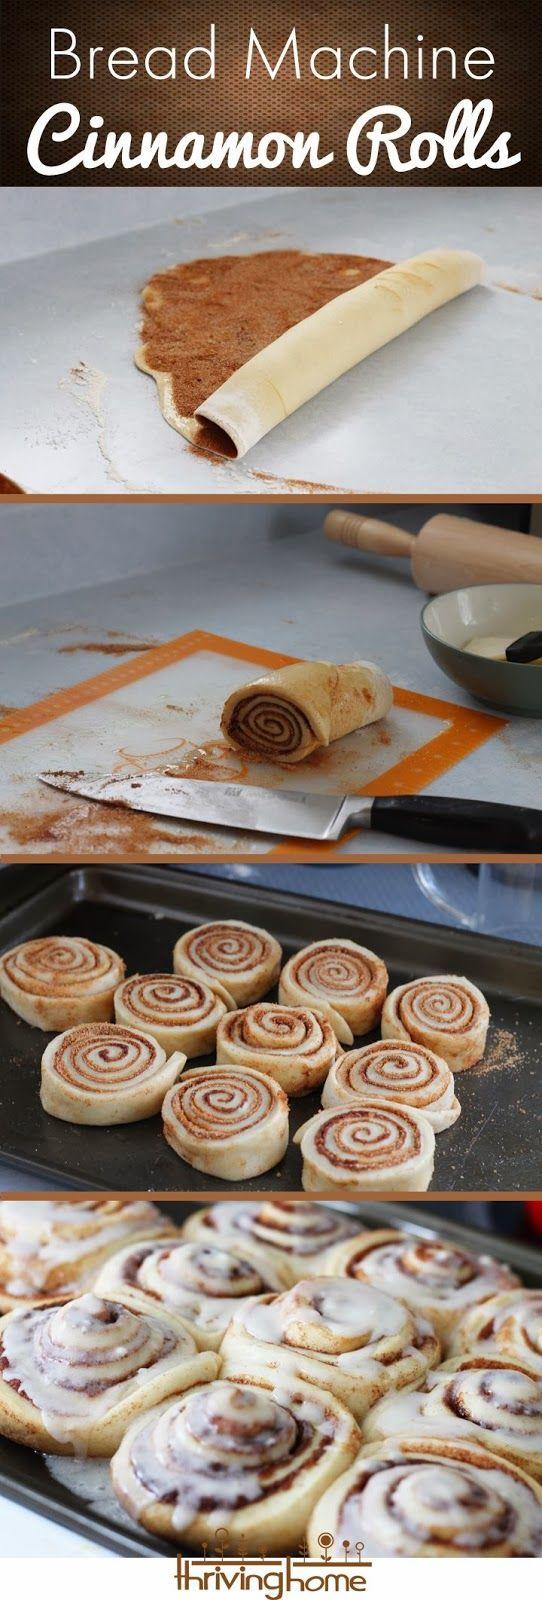 Homemade Cinnamon Rolls – A Bread Machine Recipe